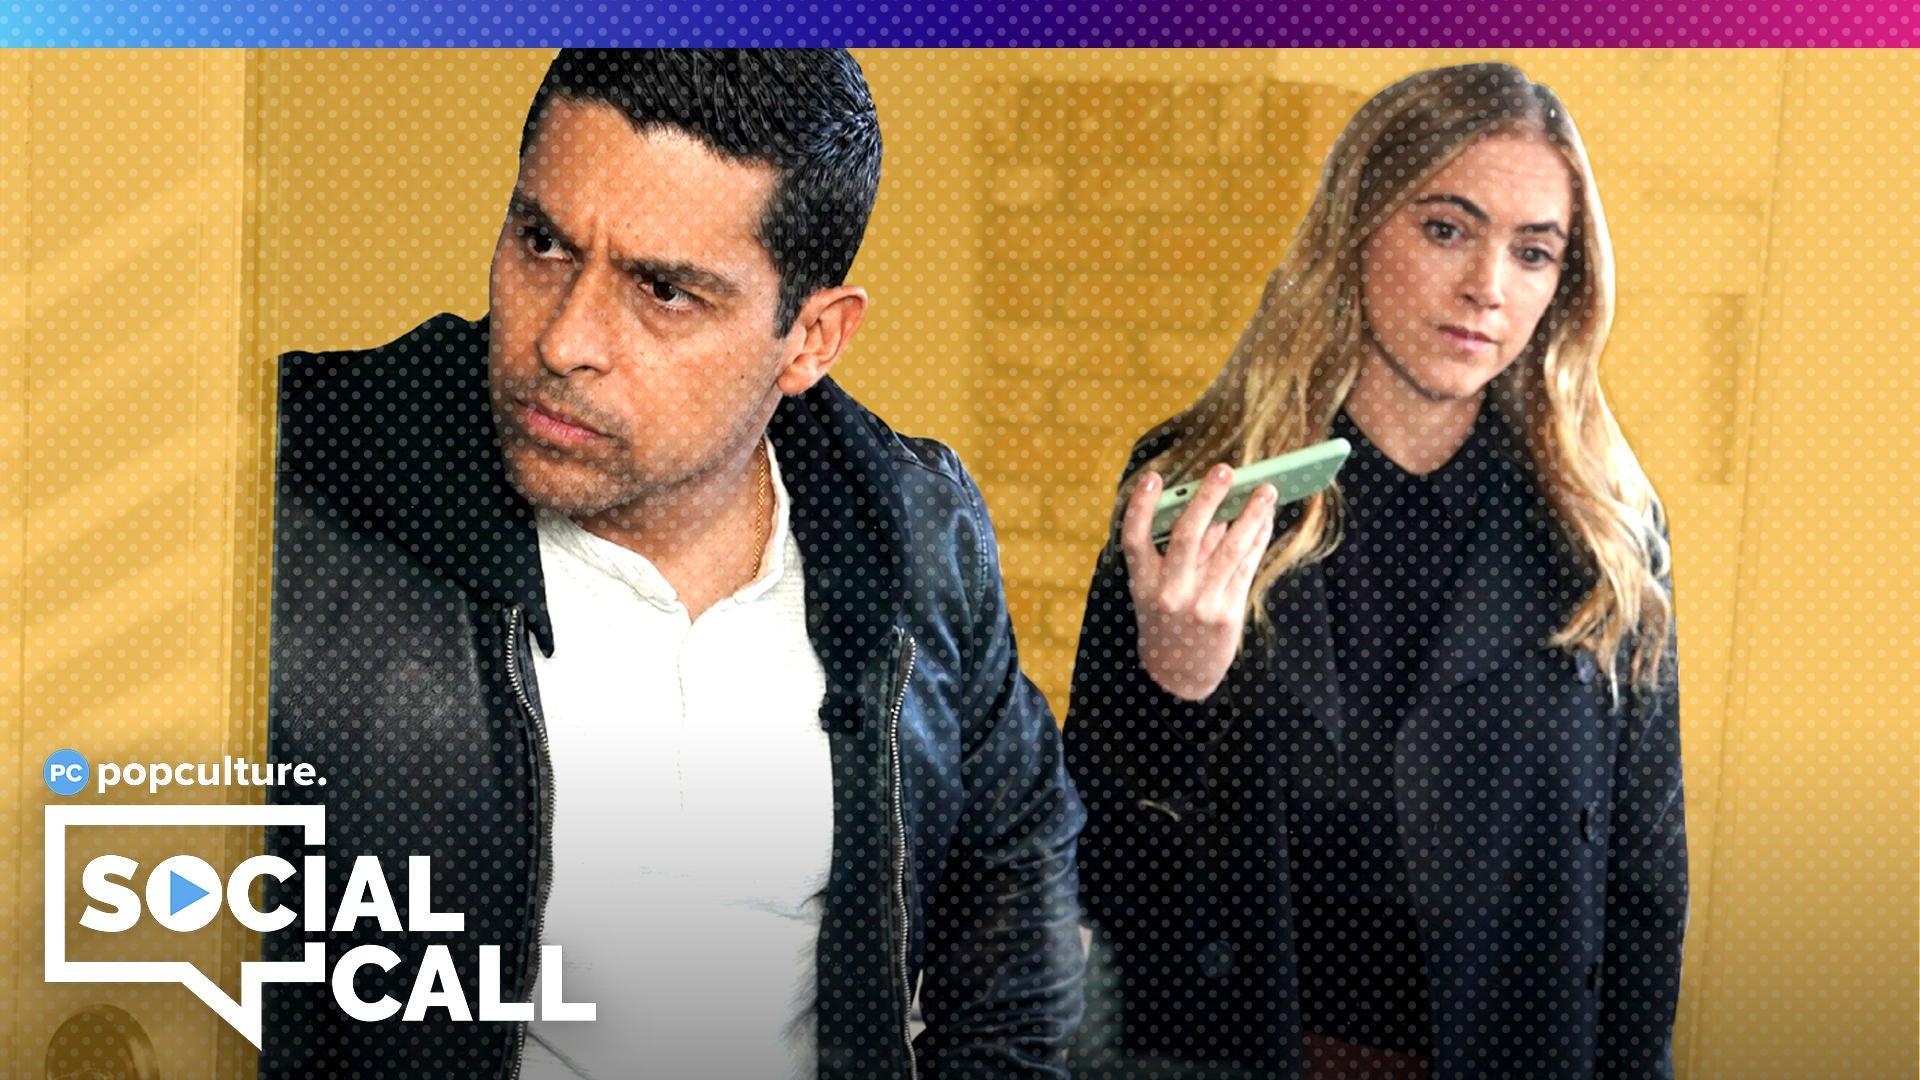 Popculture Social Call- 'NCIS' Season 18 Episode 13: Gibbs Faces Consequences